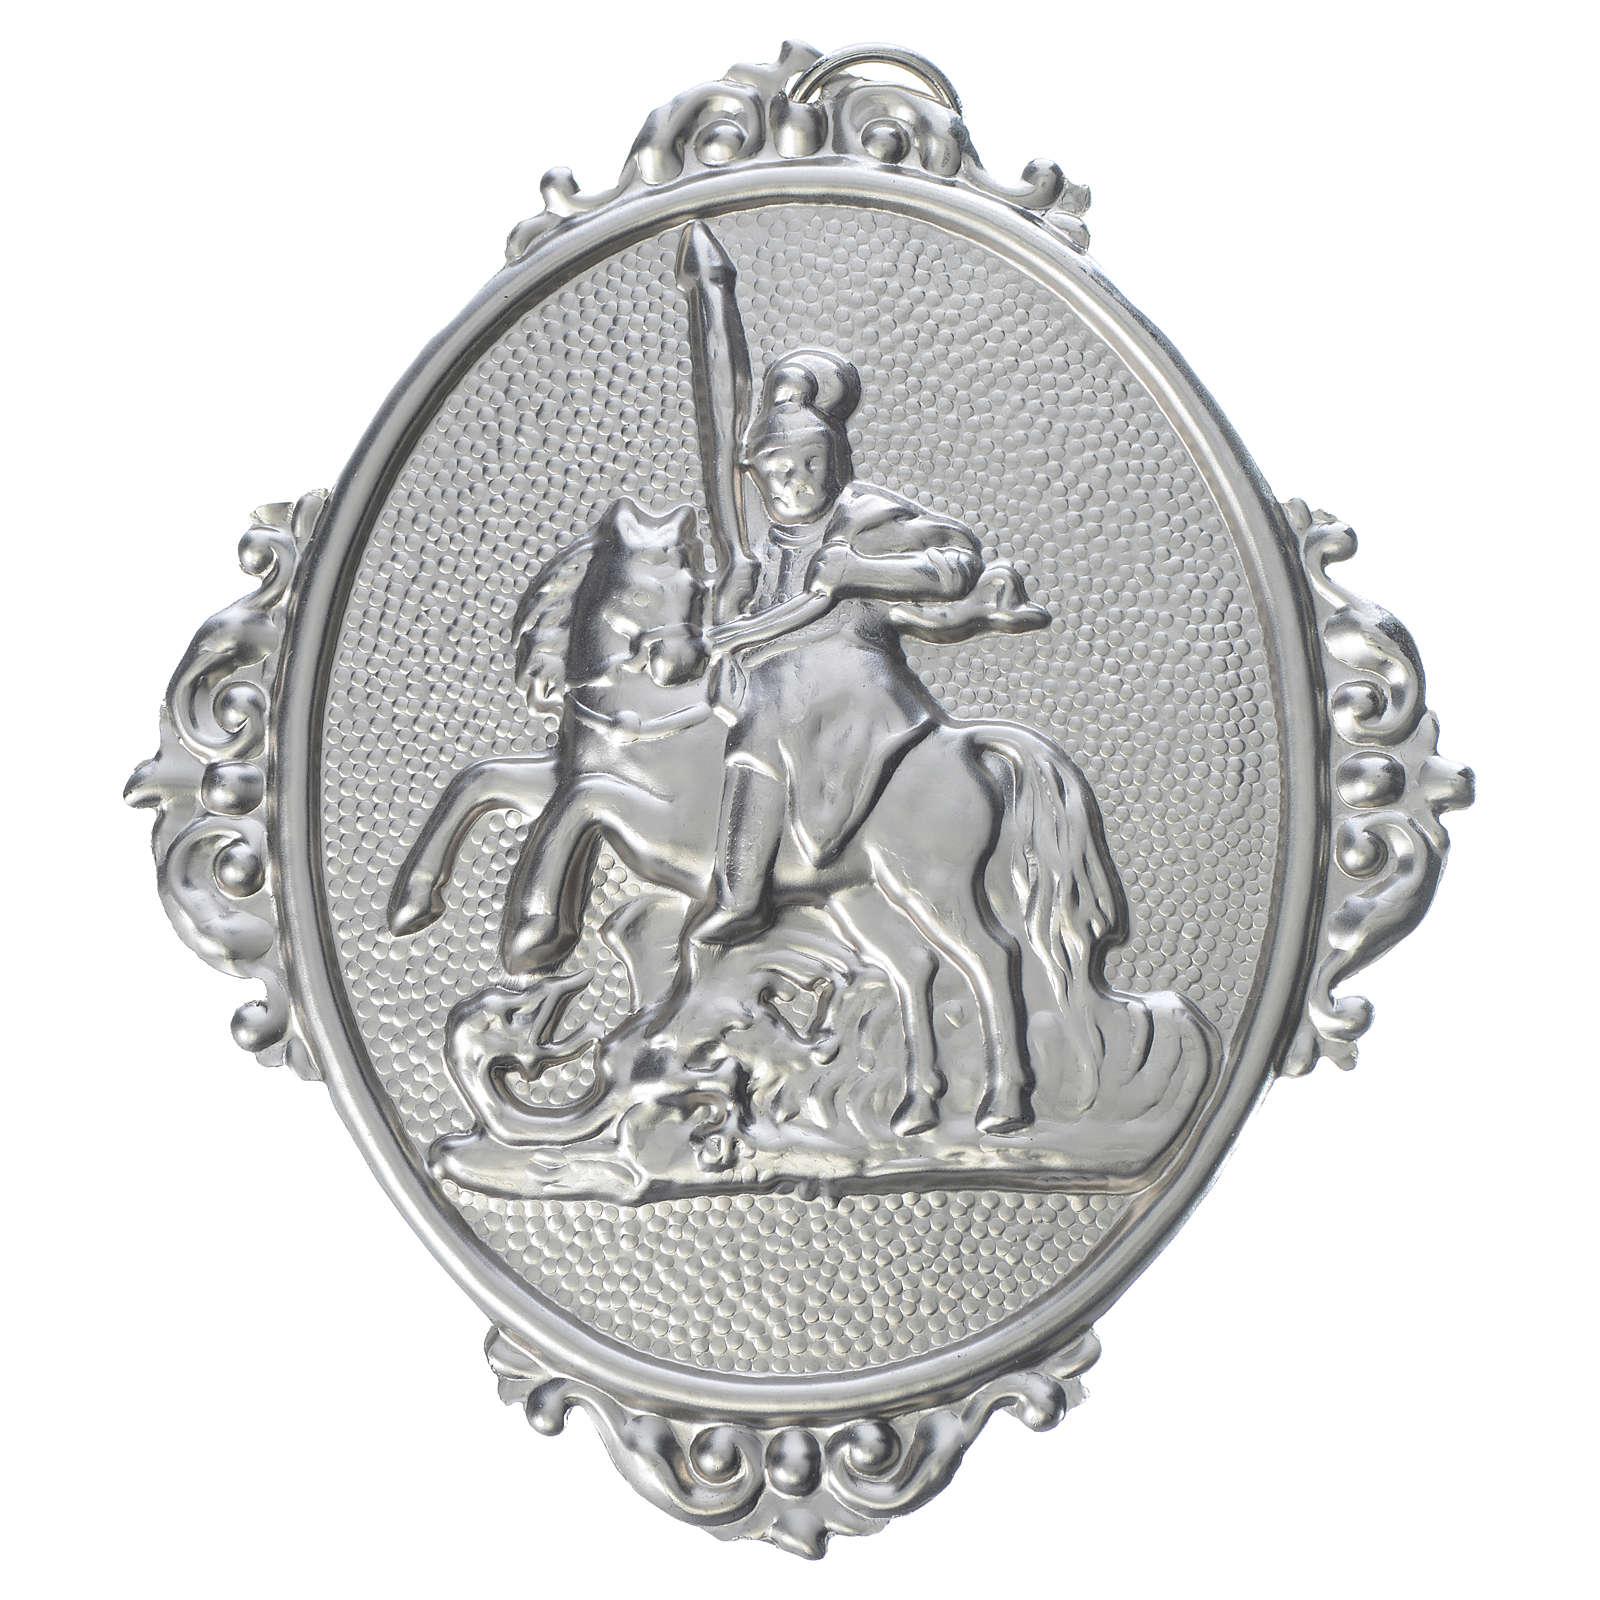 Medaglione confraternita San Giorgio ottone 3